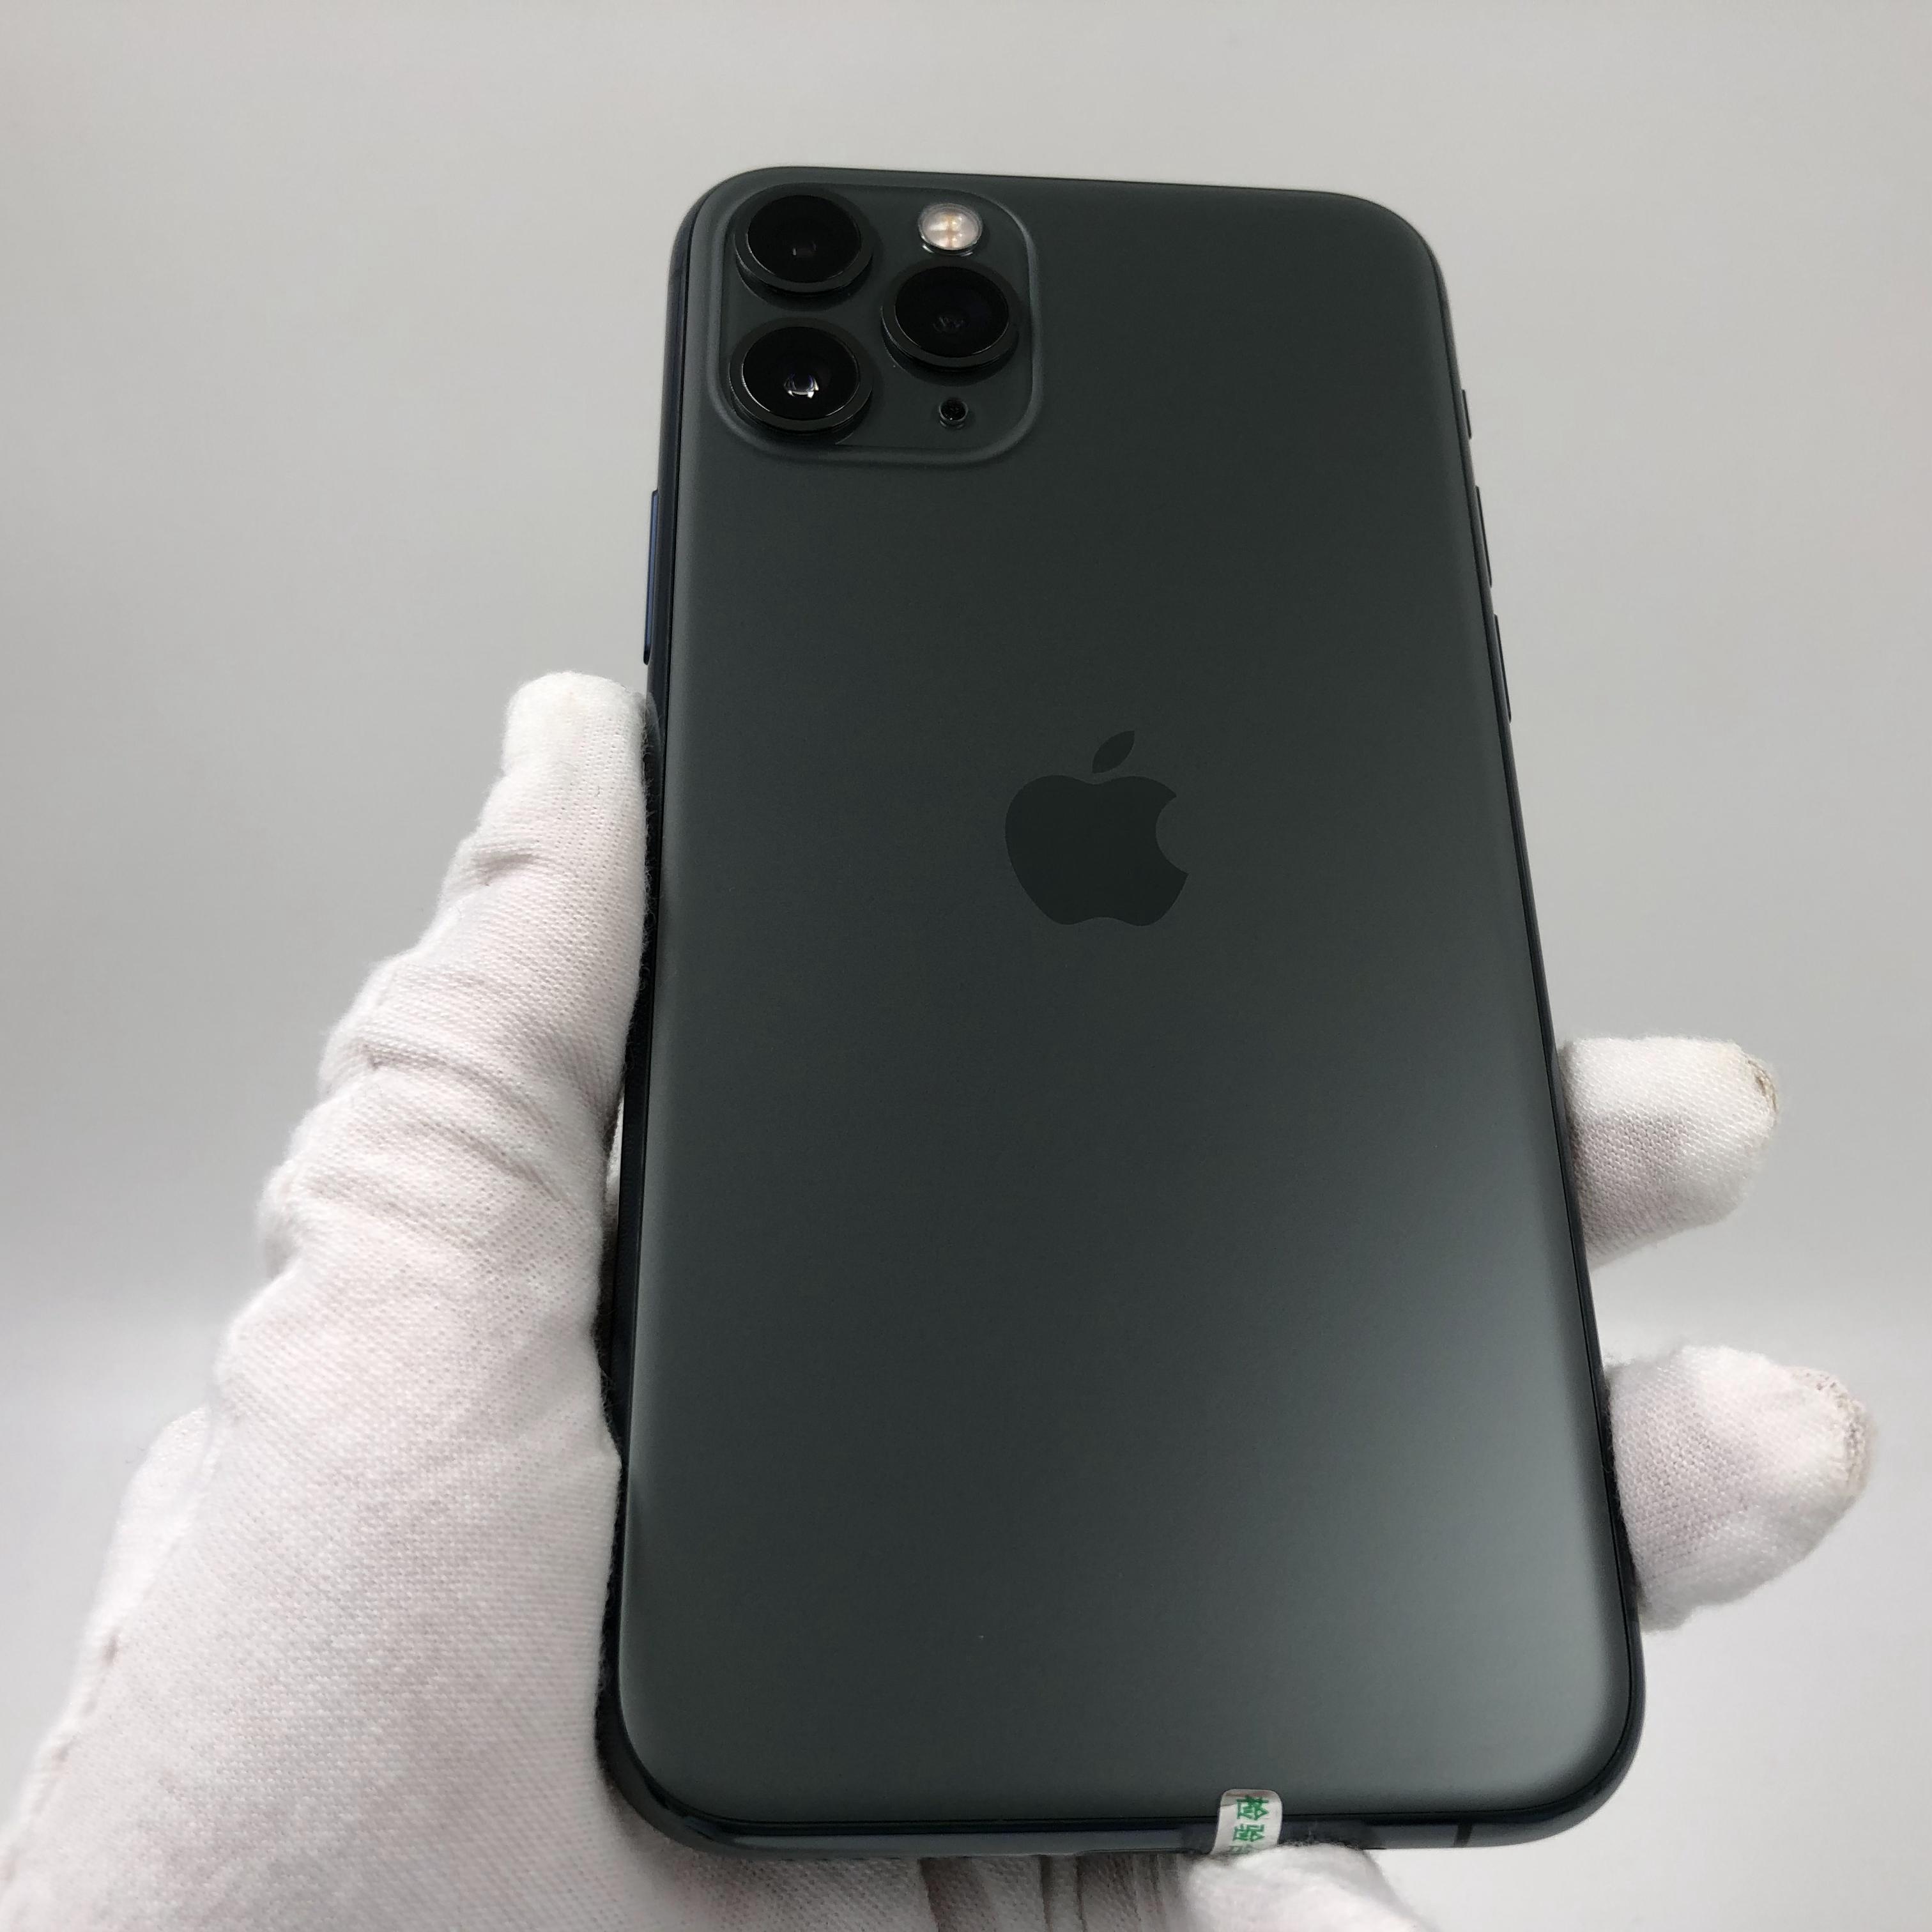 苹果【iPhone 11 Pro】4G全网通 暗夜绿色 256G 国行 95新 真机实拍